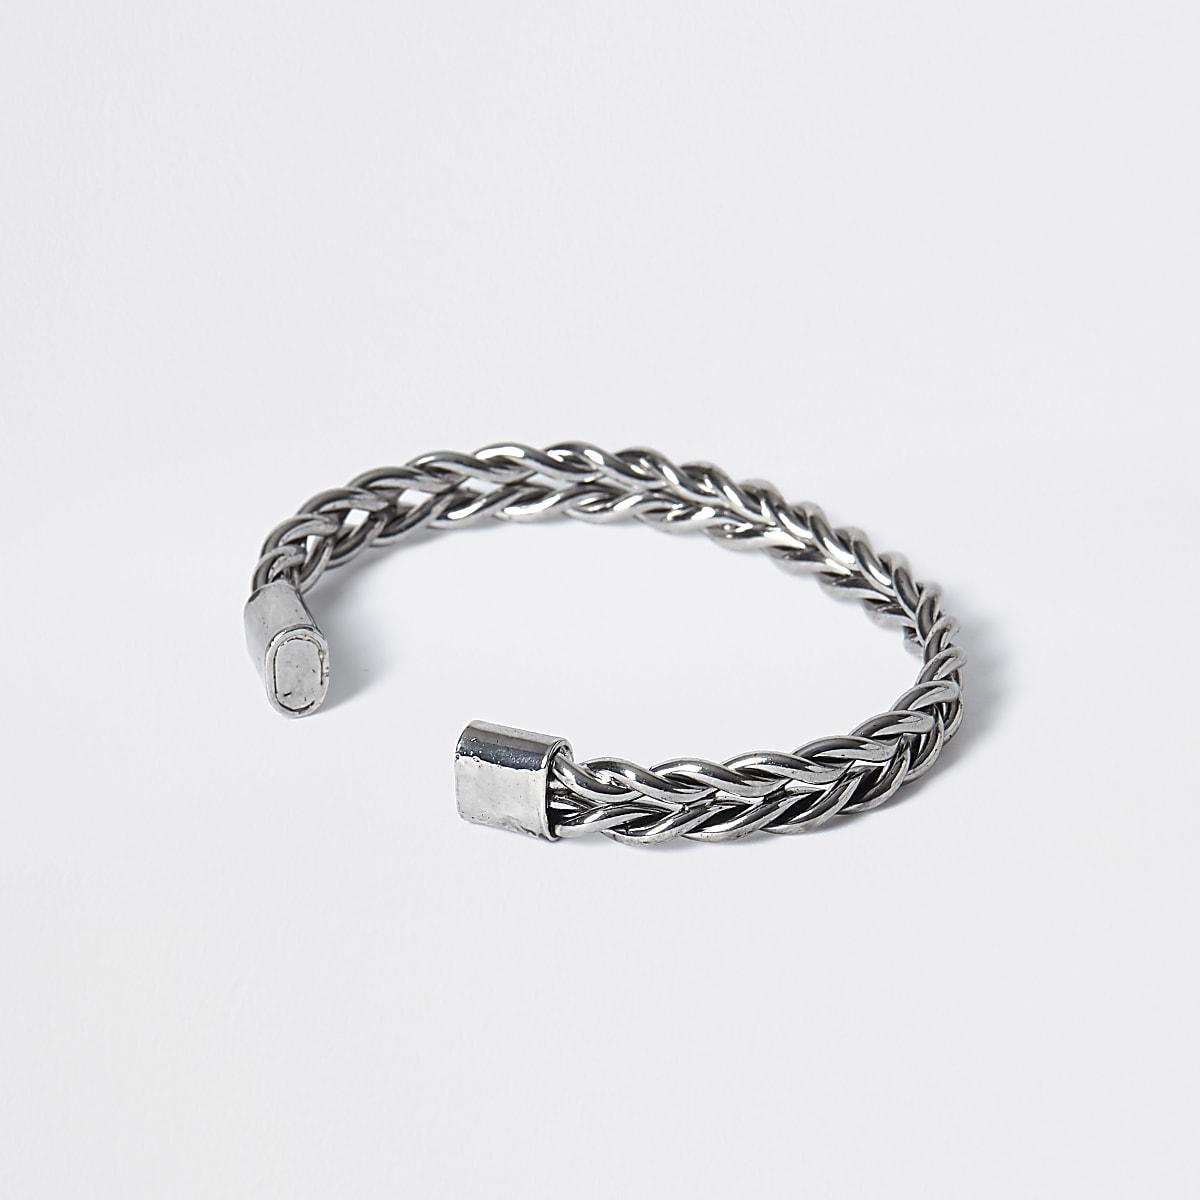 Silver colour plaited cuff bracelet